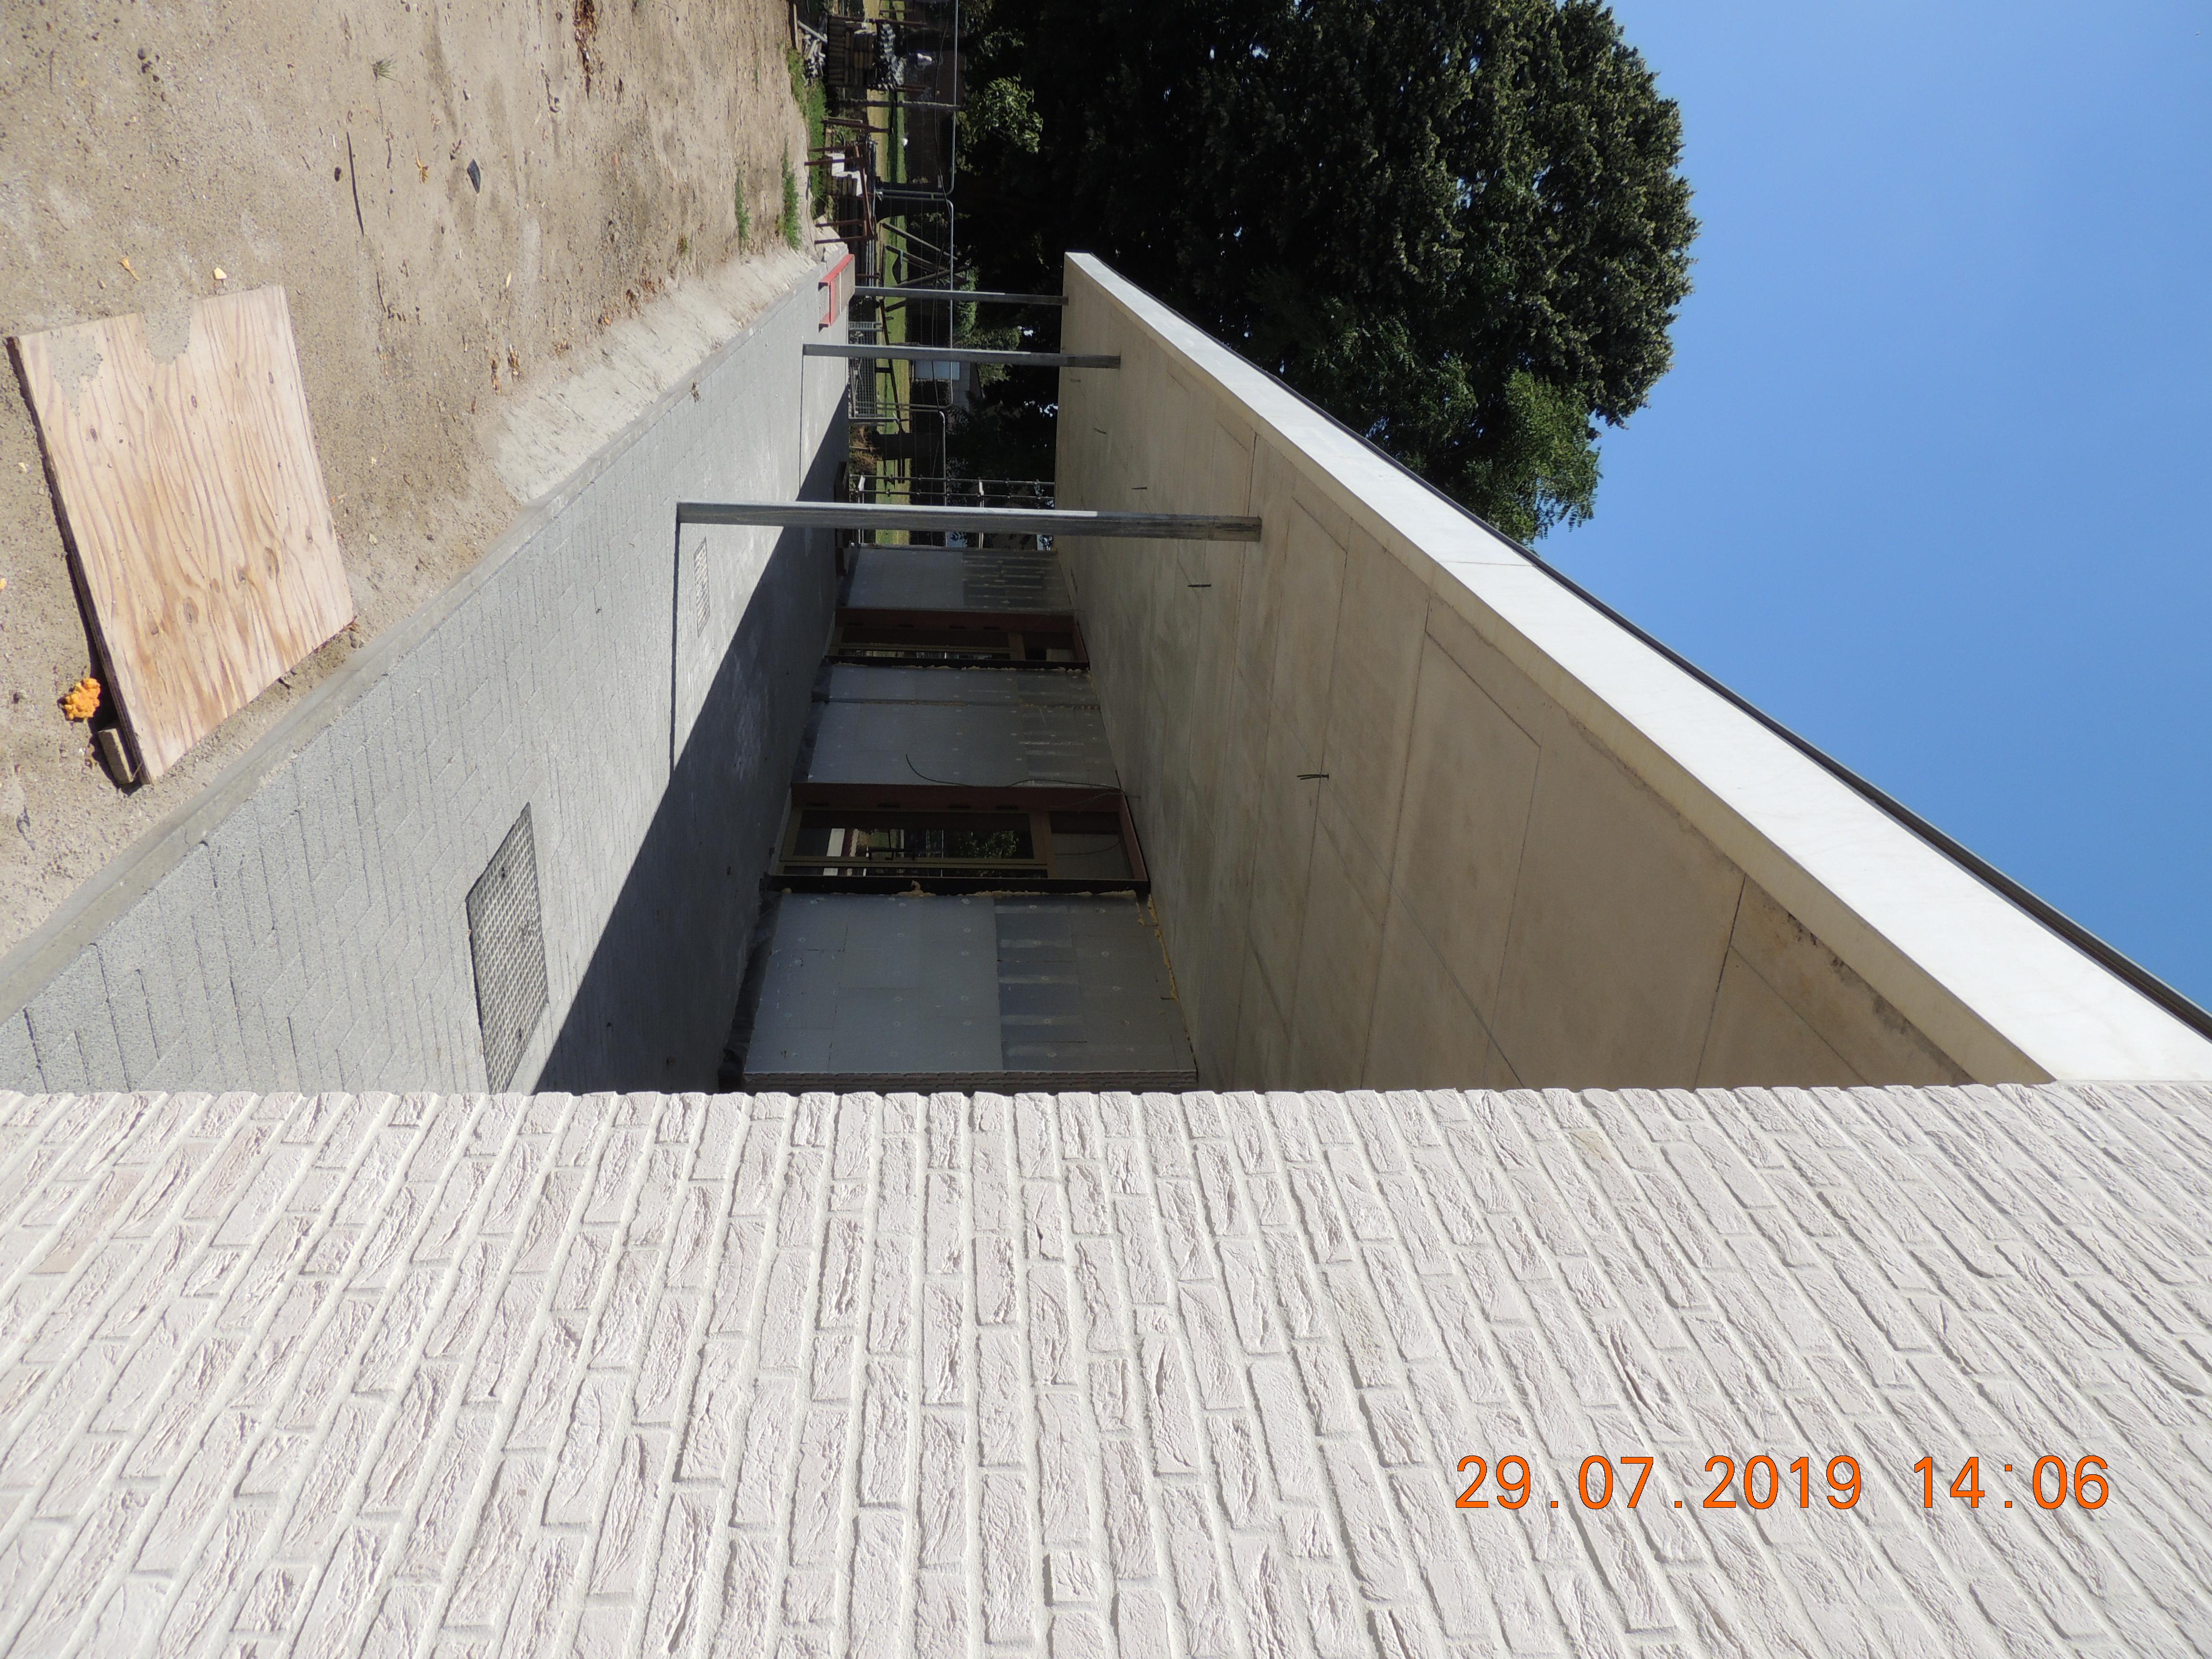 DSCN5494